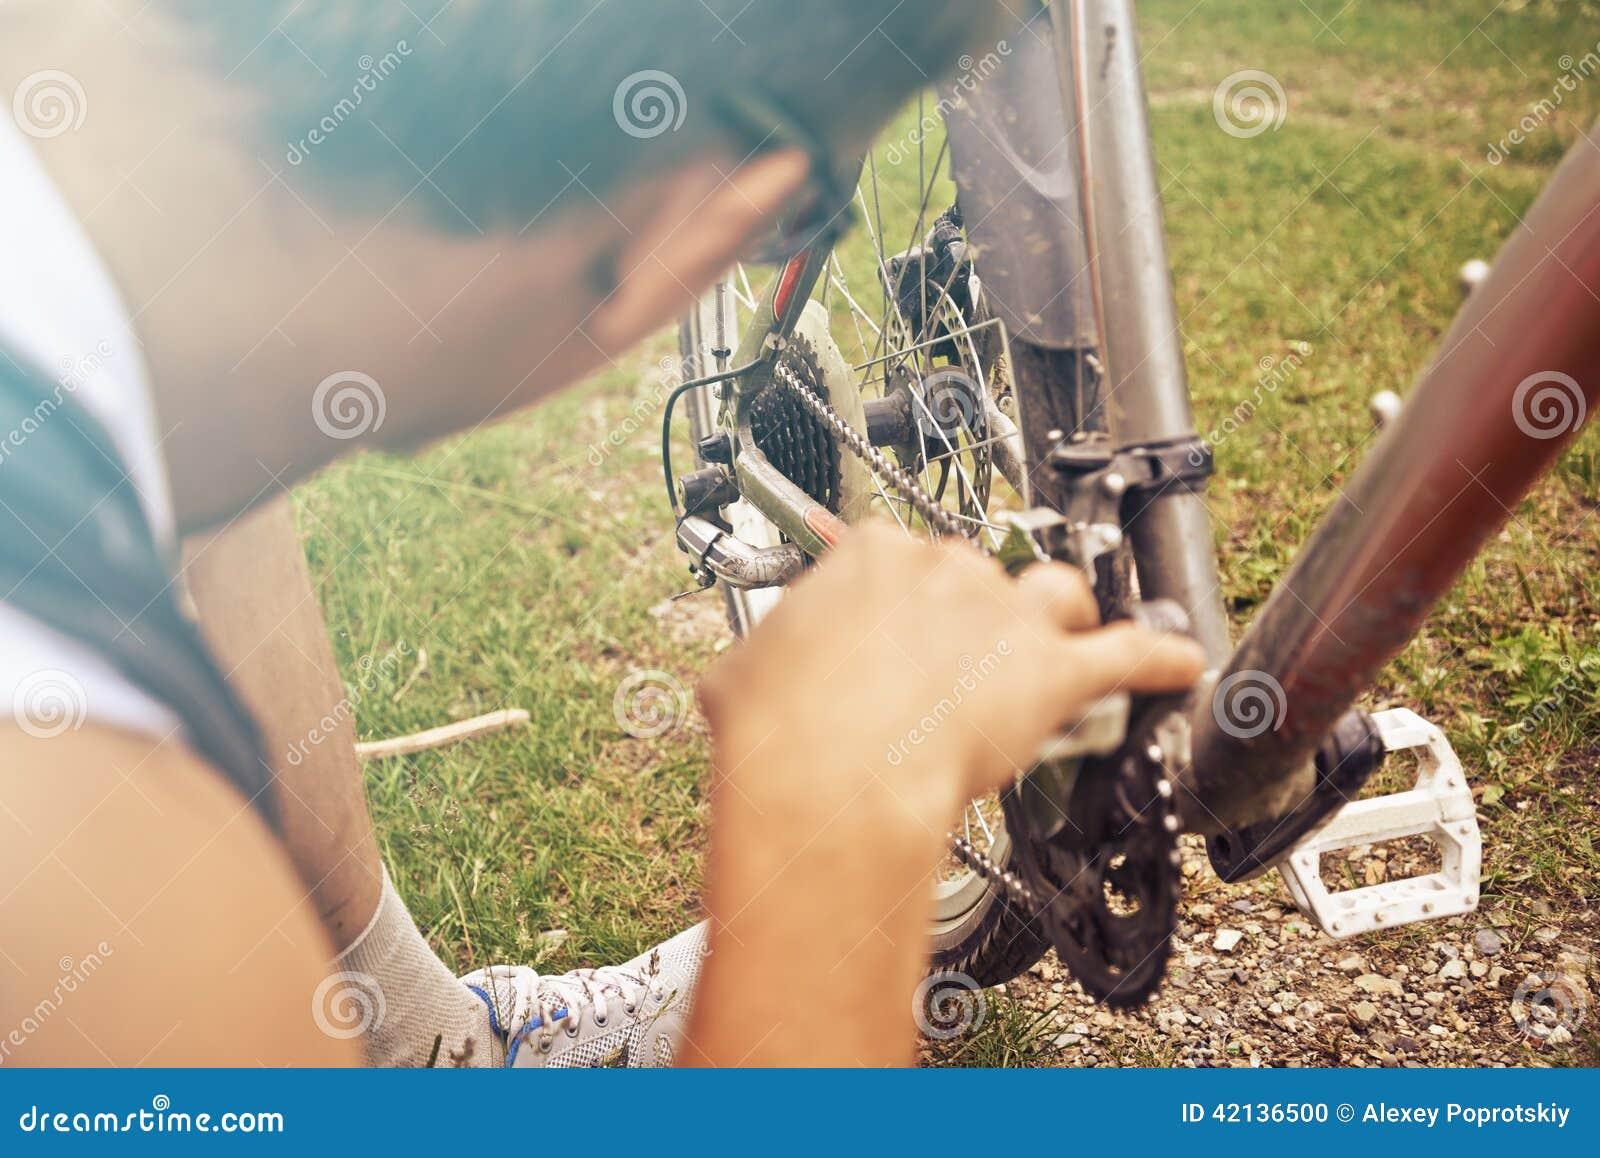 Mężczyzna czeków łańcuch bicykl